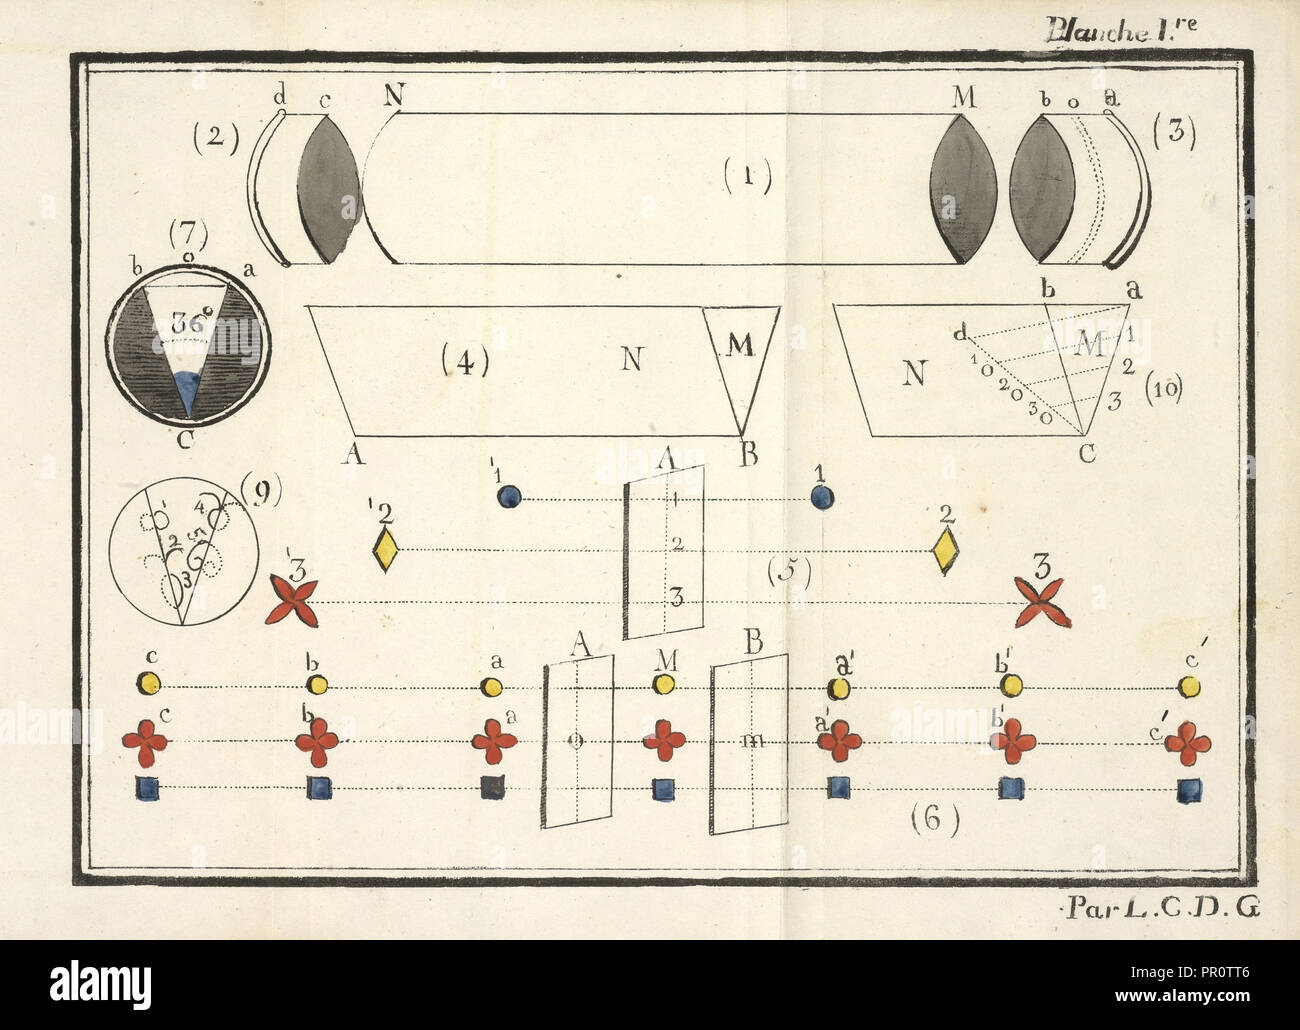 Disassembled kaleidoscope, pl. 1, Mémoire sur la construction et la théorie du symétrisateur lunette connue sous les - Stock Image